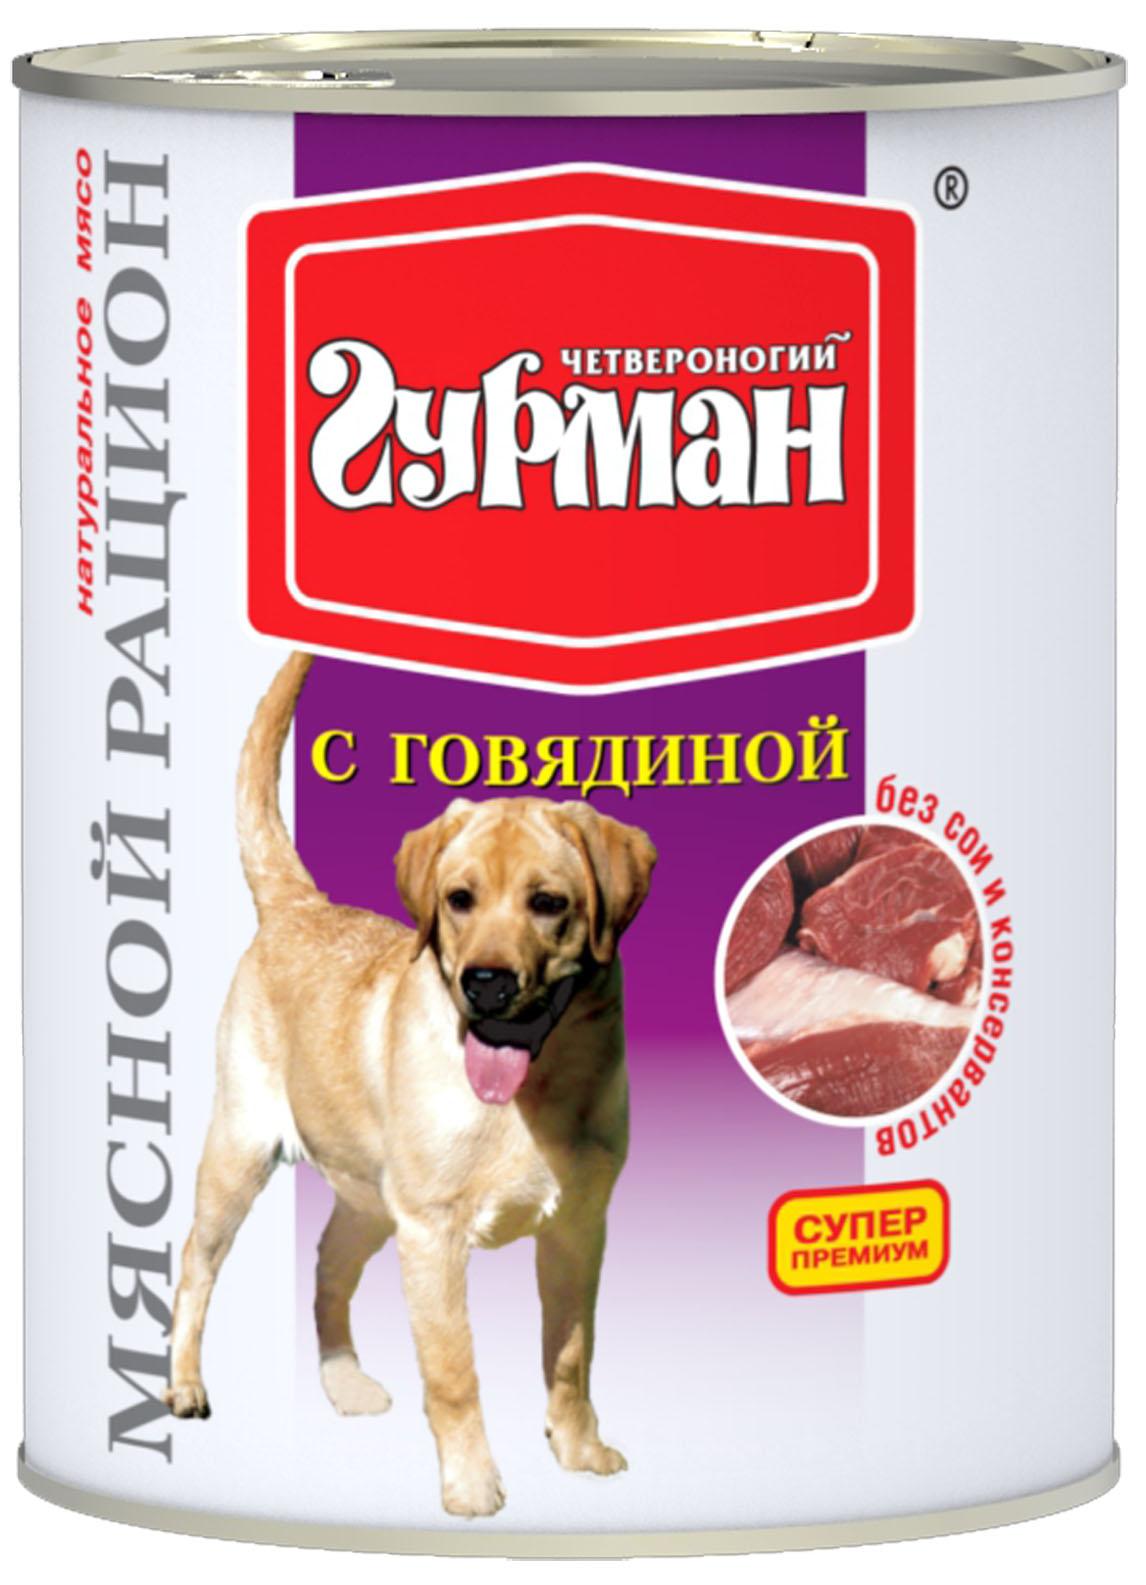 Консервы для собак Четвероногий Гурман Мясной рацион, с говядиной, 850 г11907Консервы Четвероногий Гурман Мясной рацион - влажные мясные консервы суперпремиум класса для собак. Изготовлены из мяса и субпродуктов, дополнительно содержат желирующую добавку, растительное масло и незначительное количество соли. Корм отличается крупной степенью измельченности, что повышает его привлекательность для собак крупных пород. Корм по новейшей технологии на современном оборудовании, что позволяет строго следить за его качеством. Специальная щадящая технология обработки компонентов позволяет сохранить максимальное количество витаминов, микроэлементов и питательных веществ, необходимых любой собаке. Корм производится из высококачественного натурального мяса, без добавления сои, ароматизаторов и красителей, имеет отличный вкус и привлекательный аромат. Такие консервы вы можете давать собаке как отдельно, так и смешивая их с кашей или овощами. Консервы Четвероногий Гурман Мясной рацион - прекрасное и вкусное дополнение к рациону...